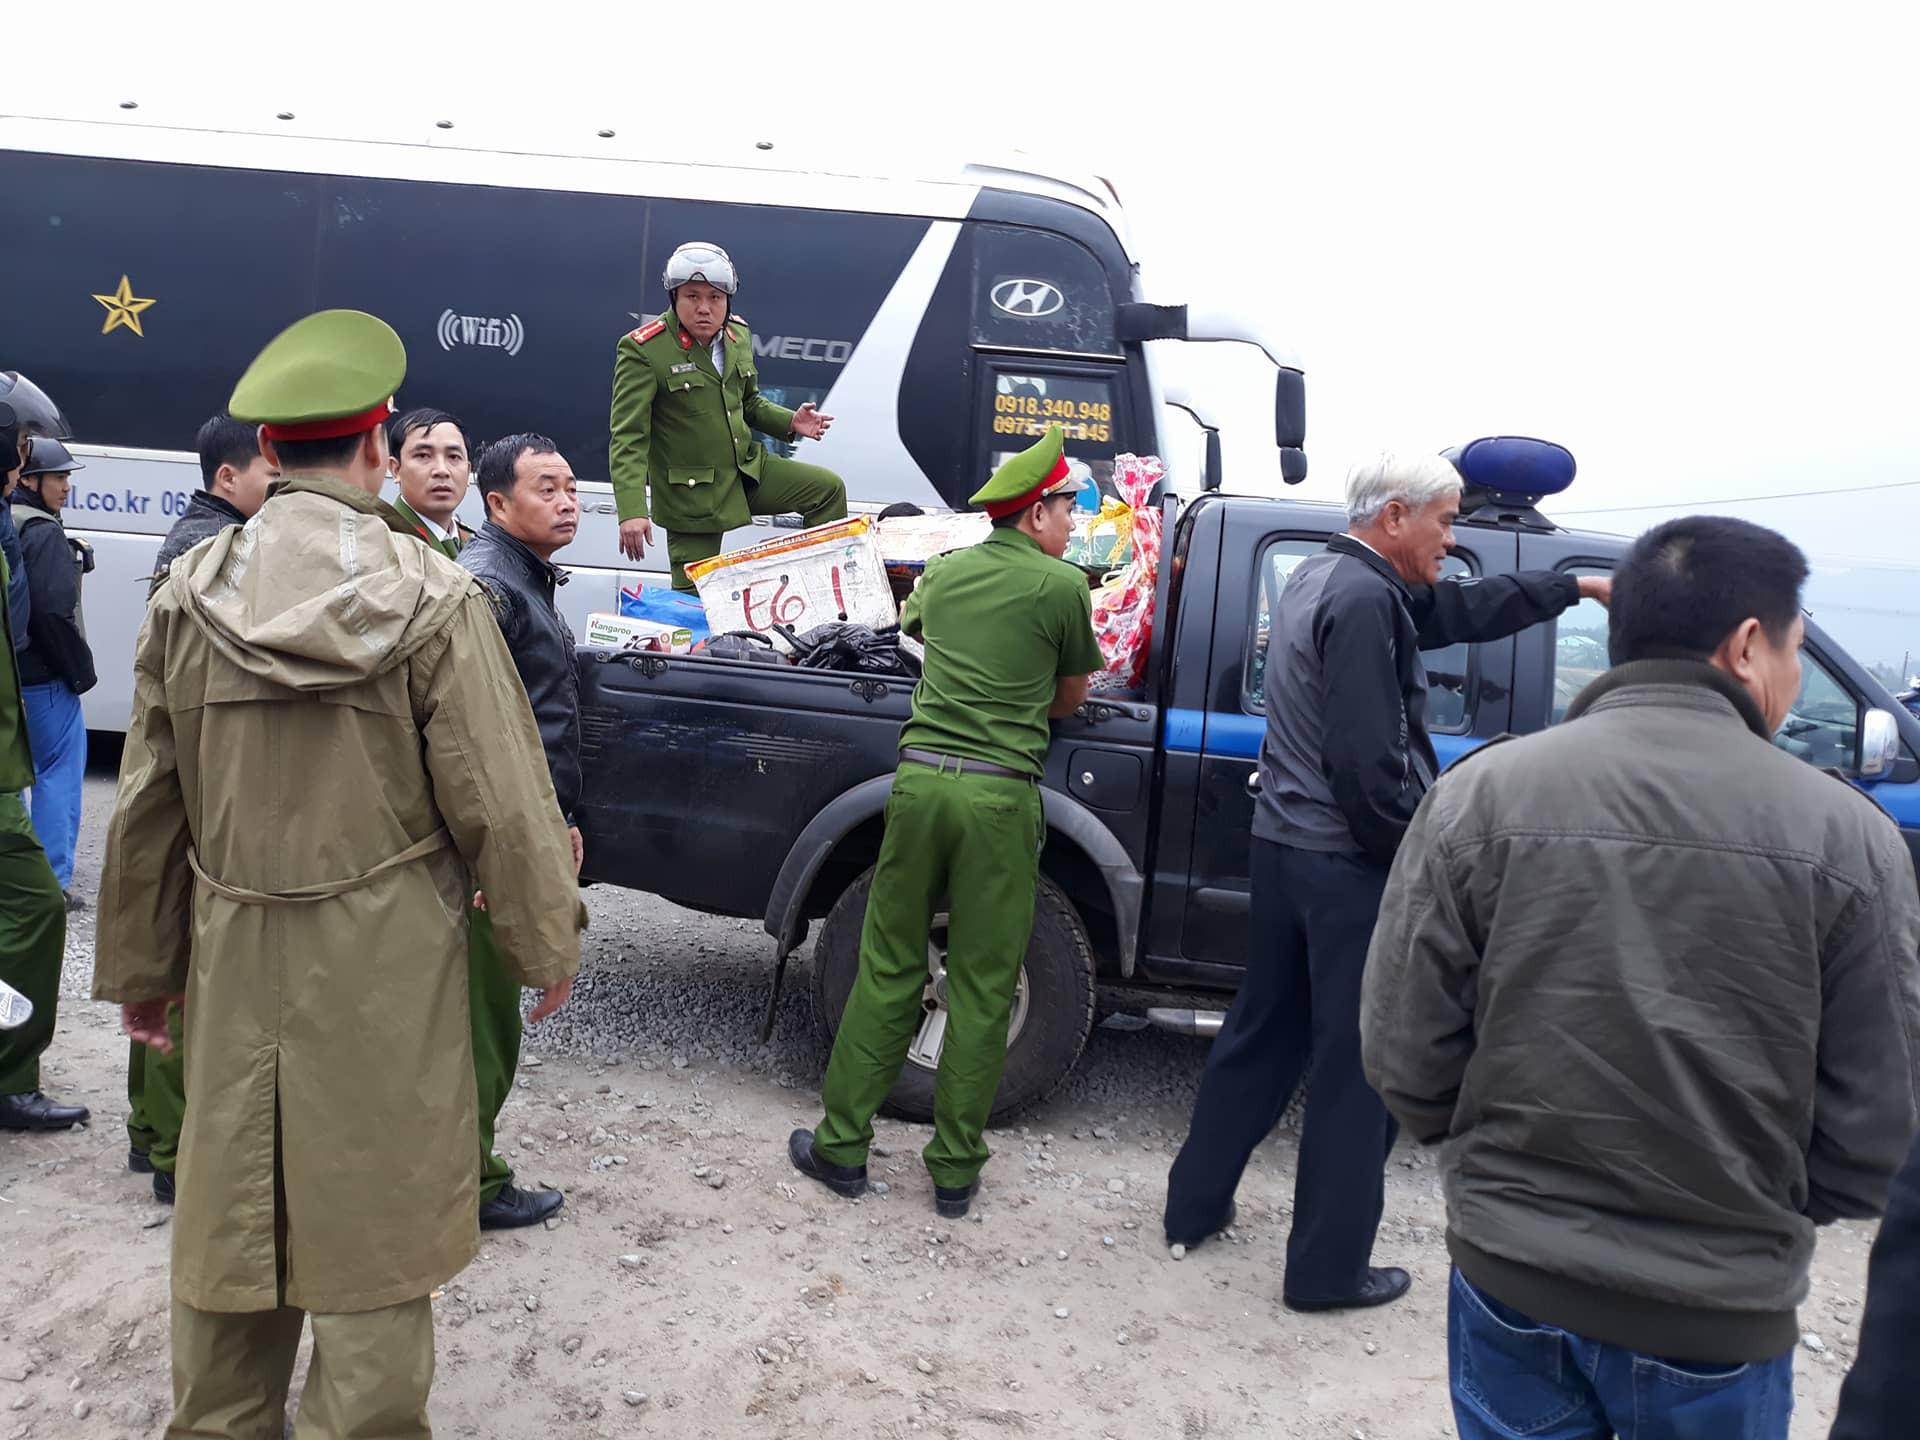 Chùm ảnh: Hiện trường vụ lật xe kinh hoàng ngày giáp Tết khiến 2 người chết, 11 người bị thương ở Đà Nẵng - Ảnh 12.